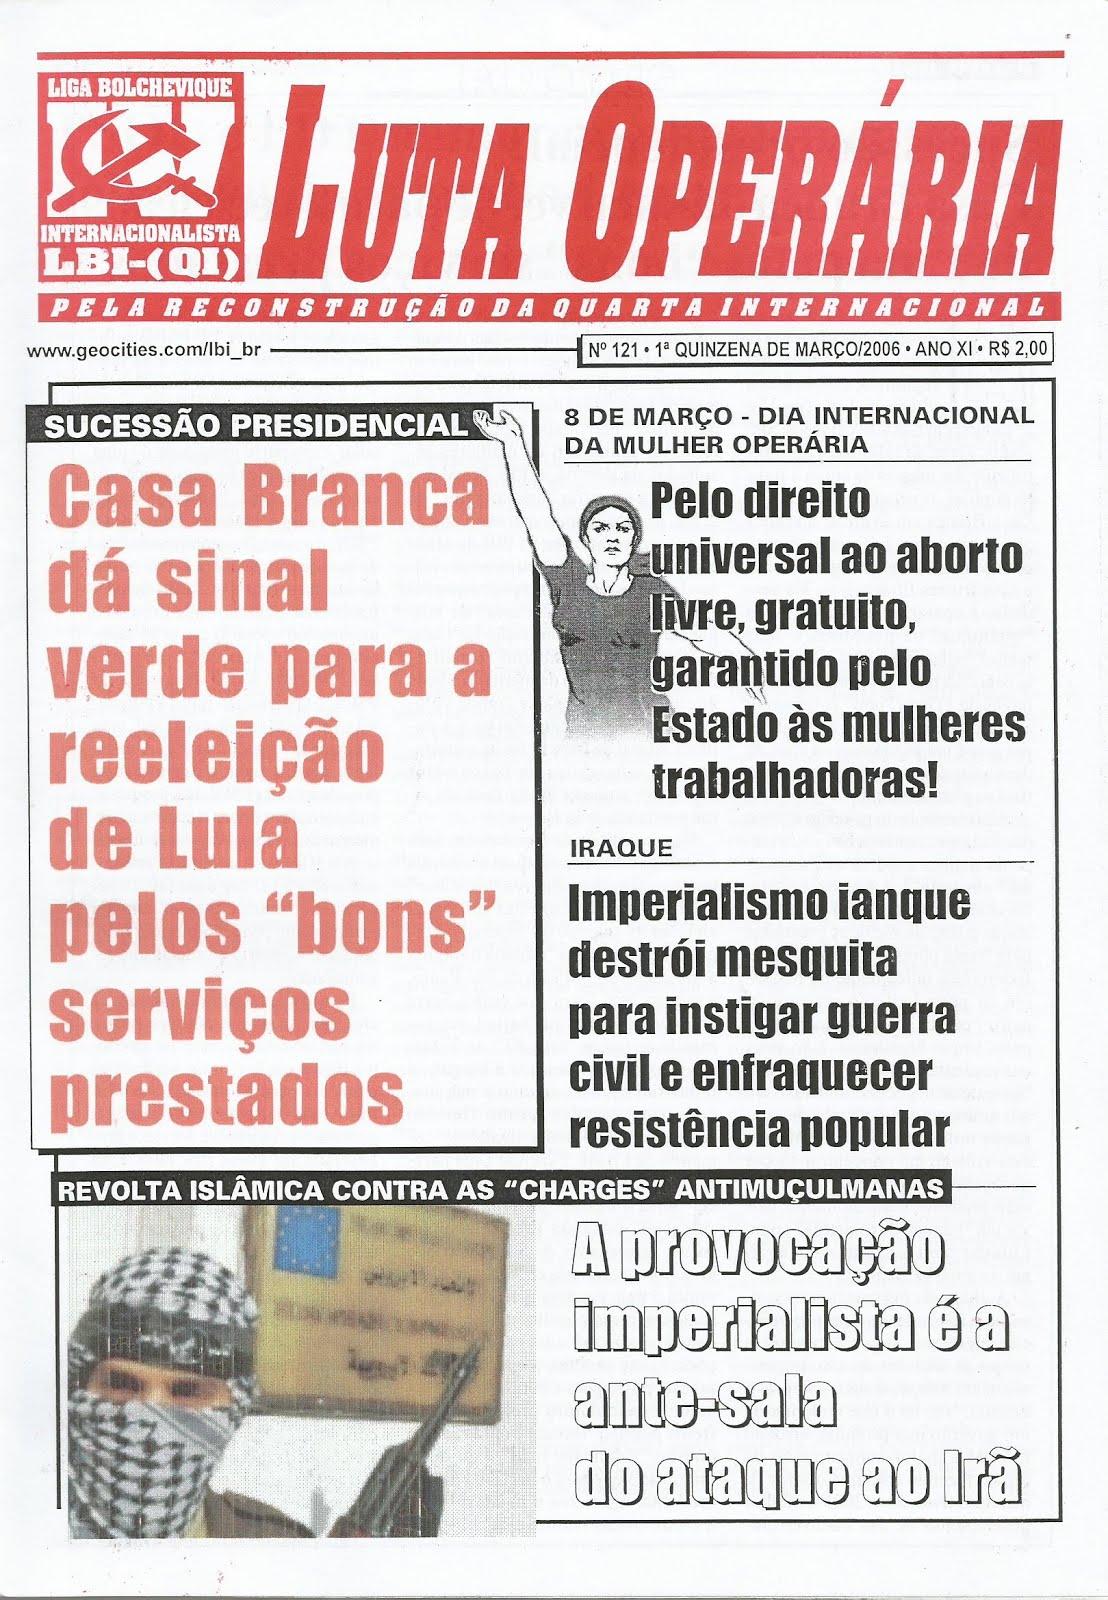 LEIA A EDIÇÃO DO JORNAL LUTA OPERÁRIA Nº 121 - 1ª QUINZ. DE MARÇO/2006